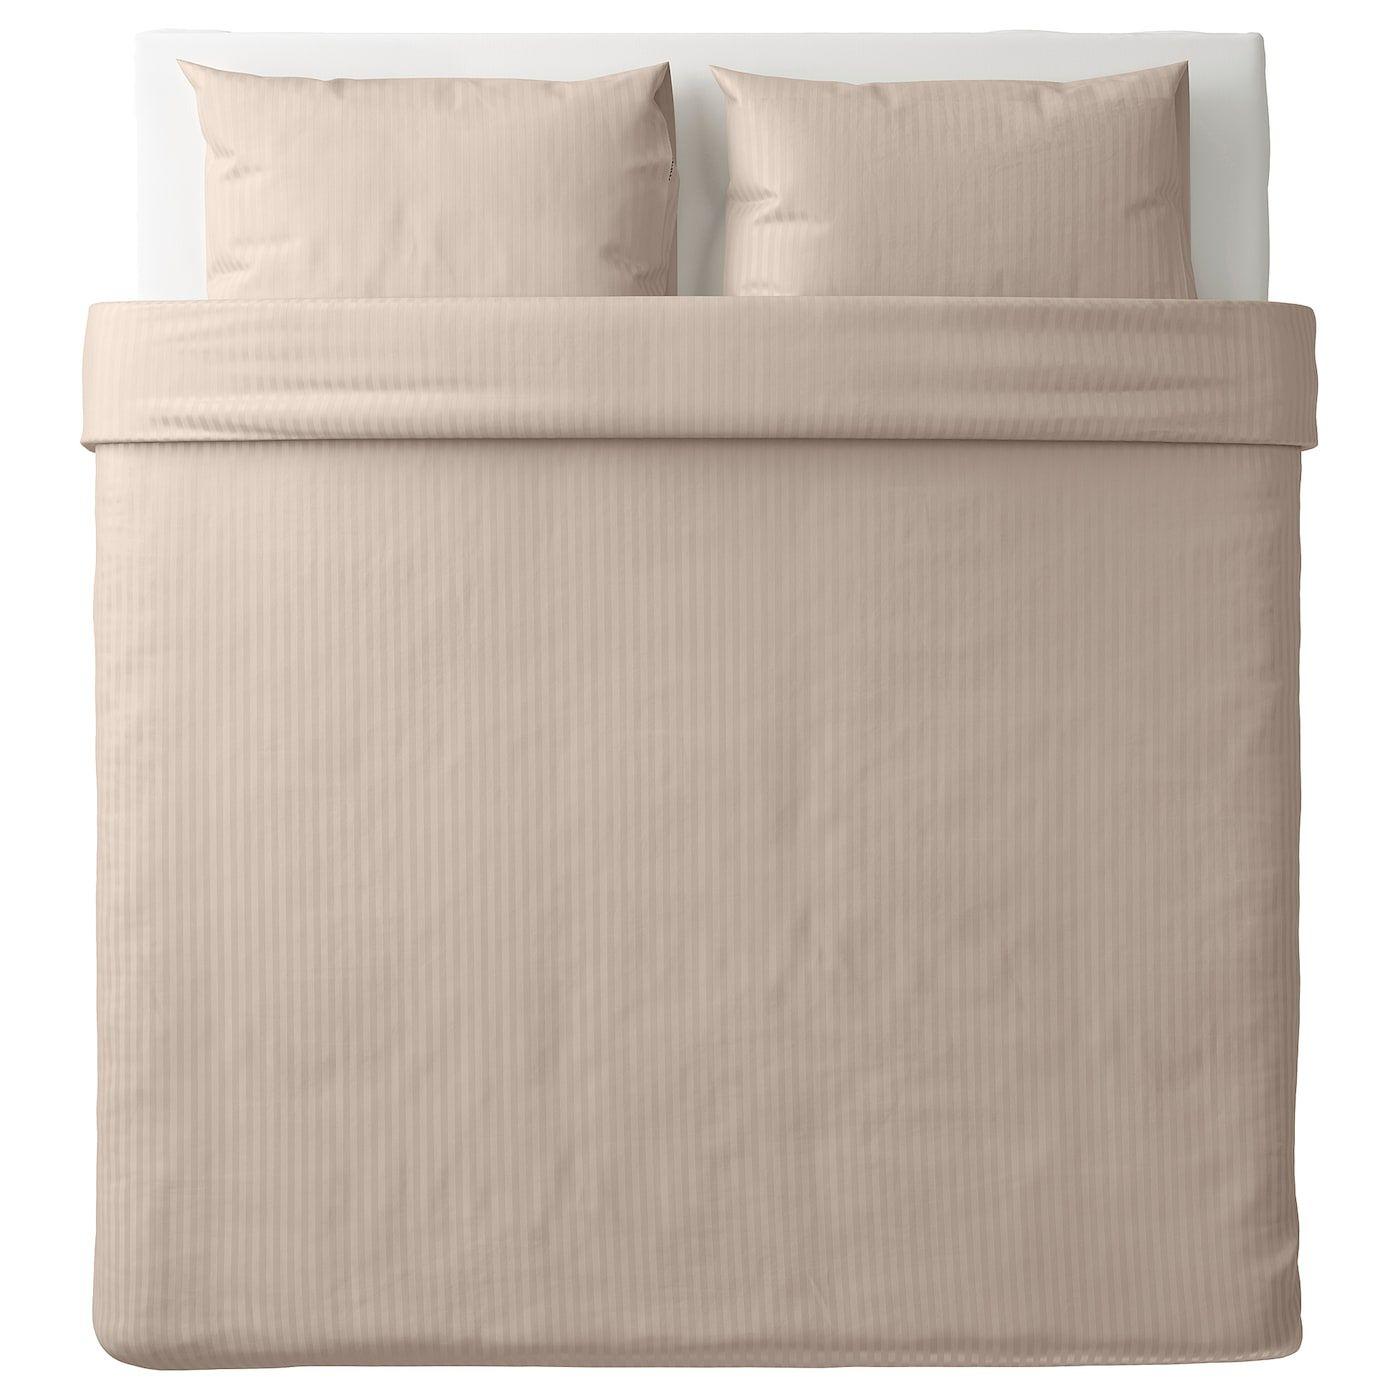 Nattjasmin Quilt Cover And 2 Pillowcases Light Beige 240x220 50x80 Cm Housse De Couette Beige Clair Et Housses